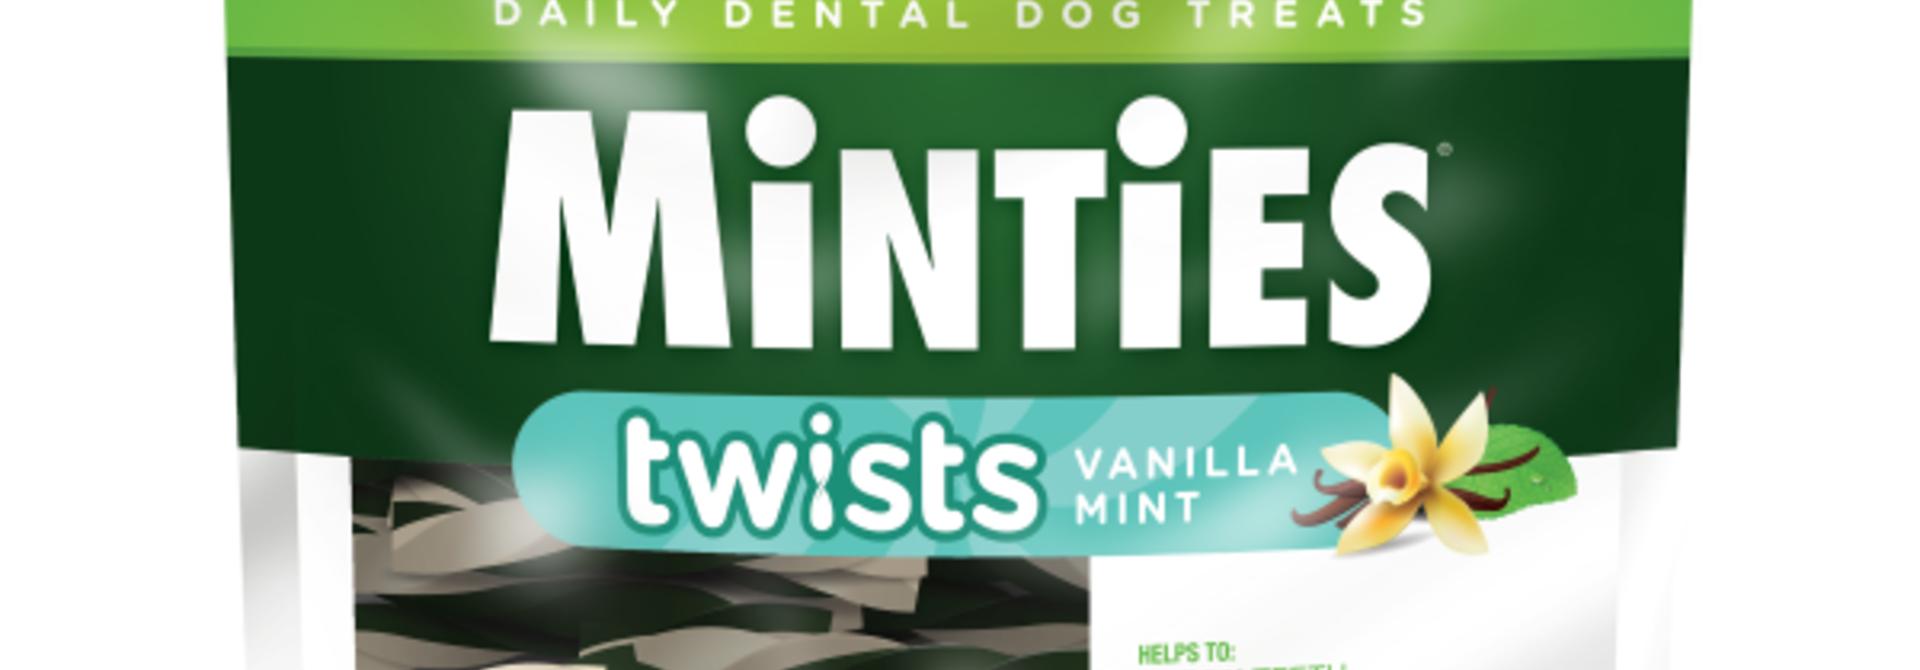 Dental Twists- Small 24oz